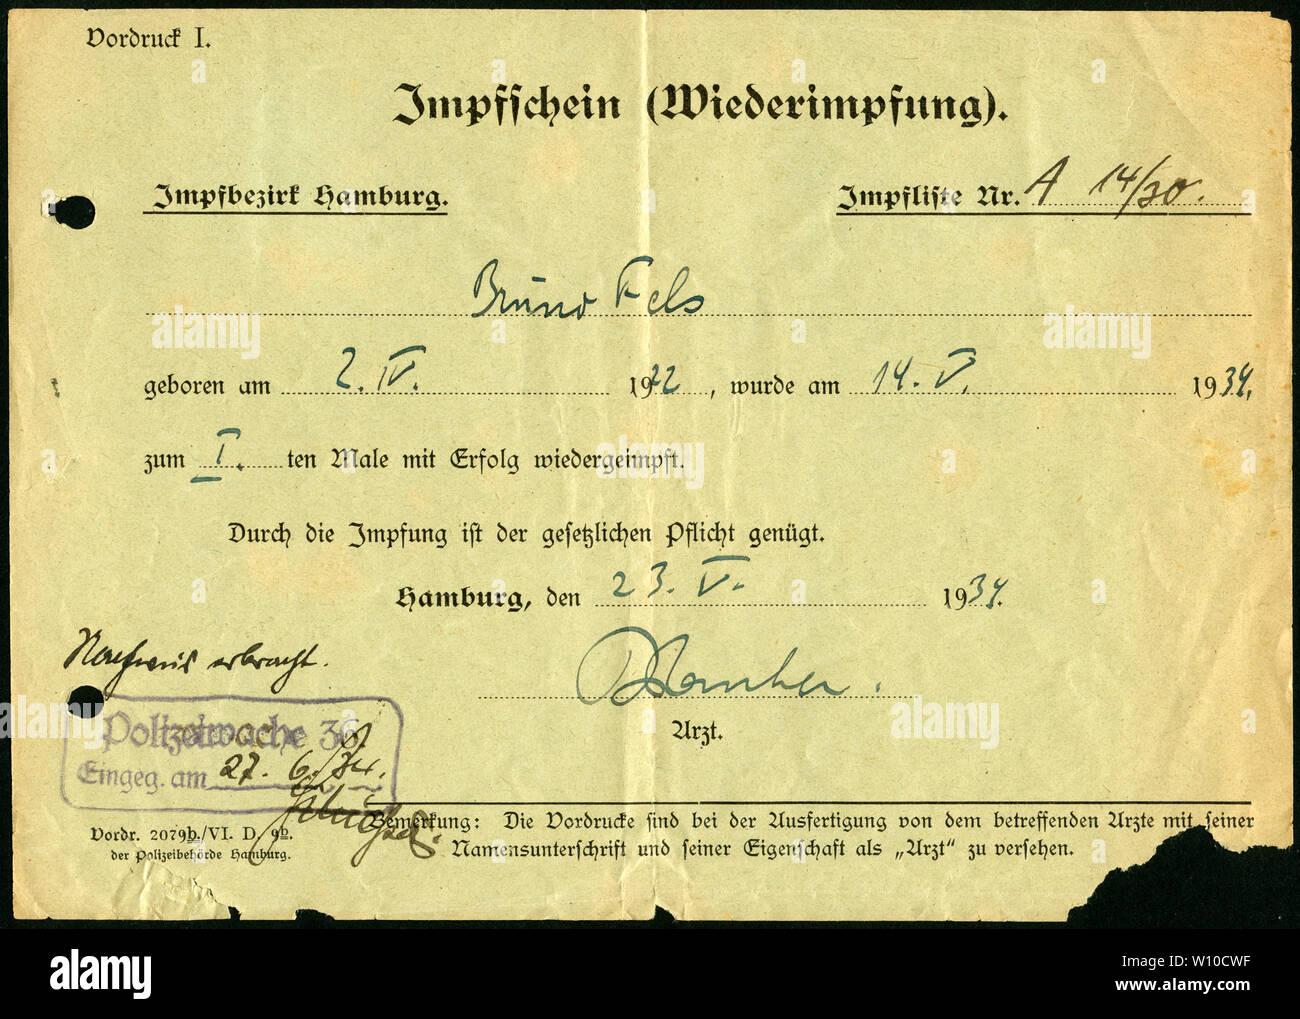 Europa, Deutschland, Hamburg,  grüner Impfschein ( Wiederimpfung ), Vorderseite, ausgestellt am 23. 05. 1934 . /  Europe, Germany, Hamburg,  green cer Stock Photo